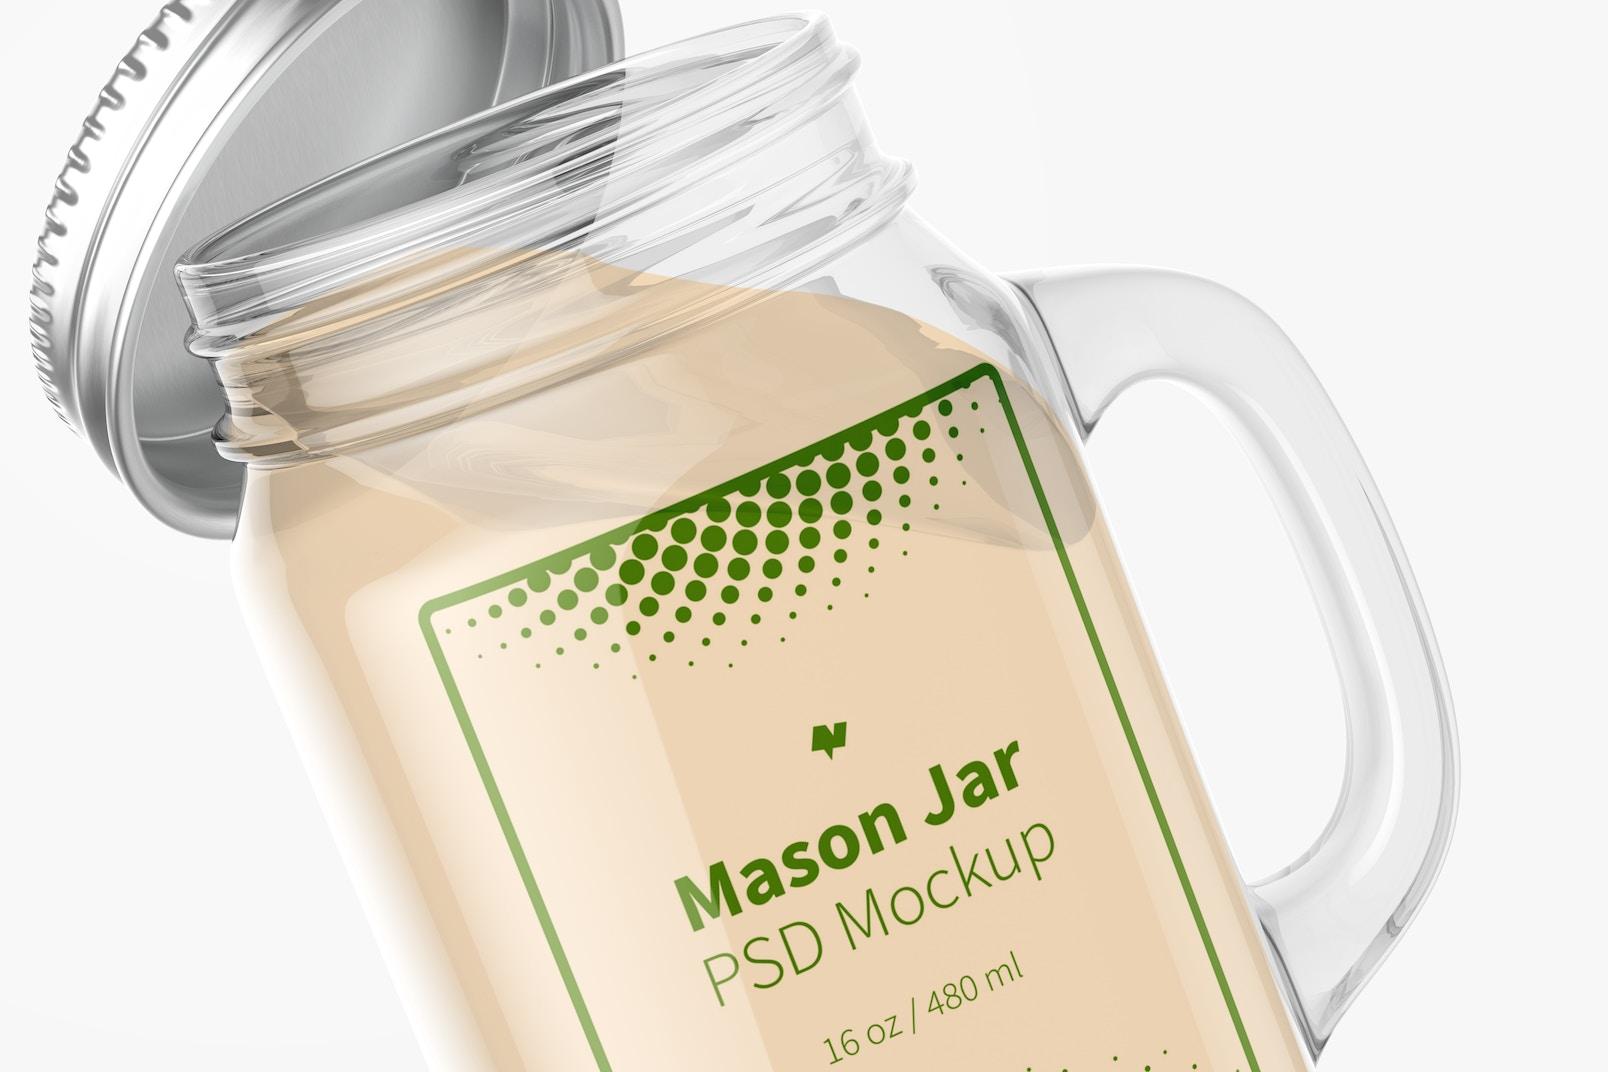 Maqueta de Mason Jar de 16 oz, Acercamiento